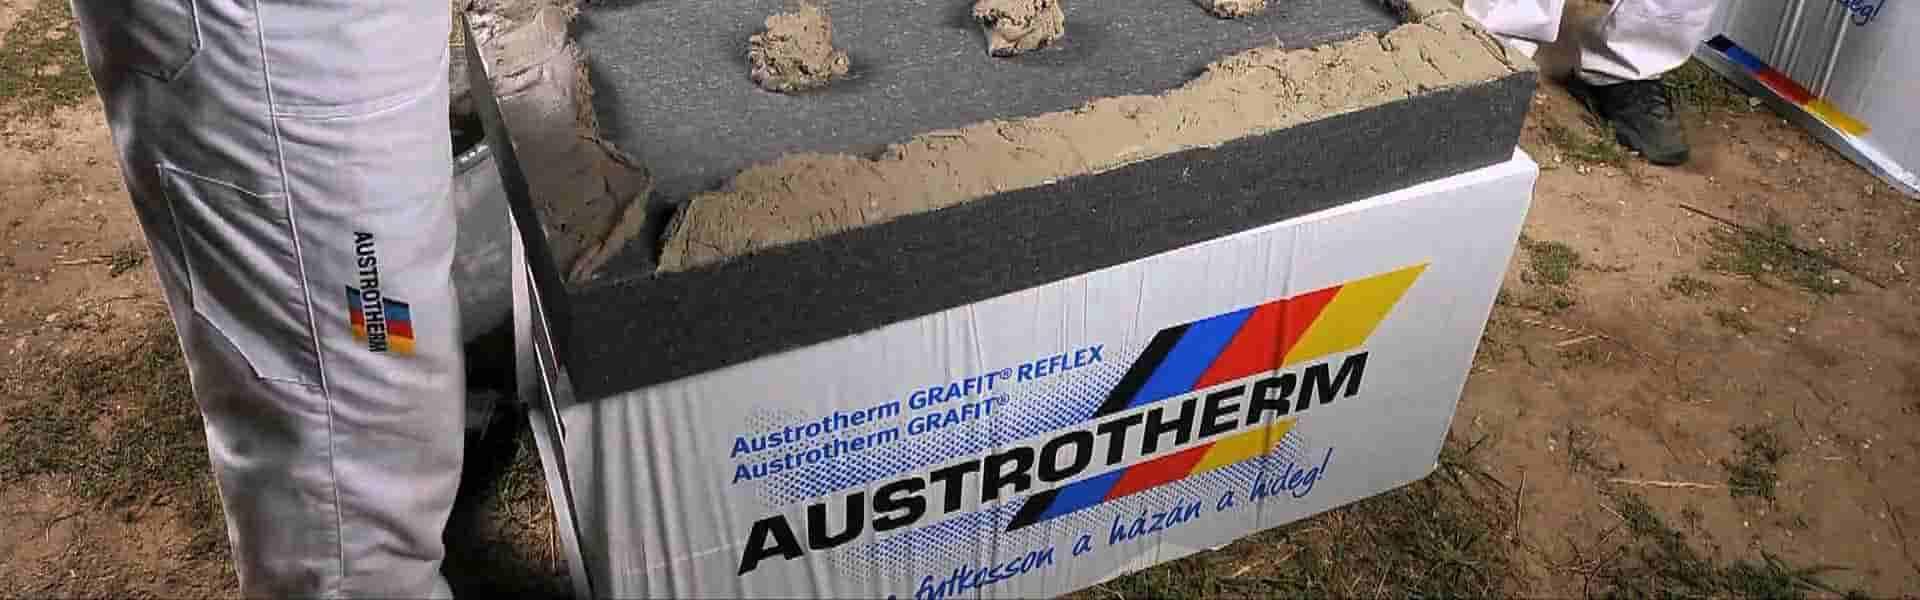 Austrotherm Grafit Reflex szigetelőanyag akció